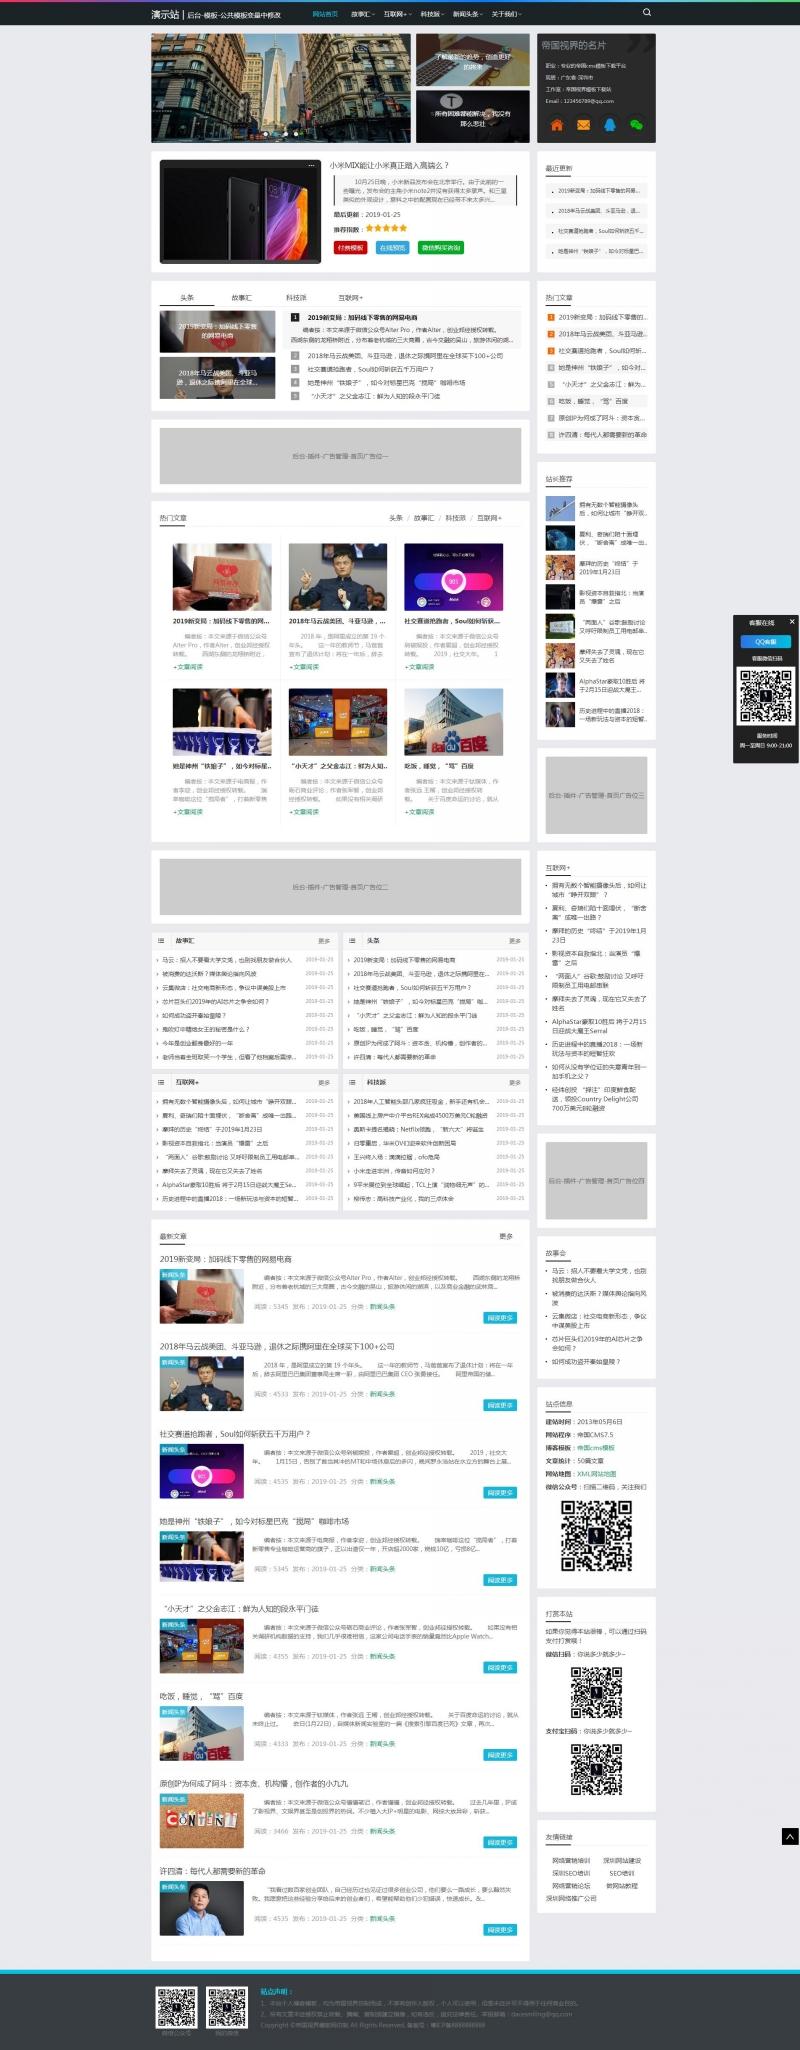 网站首页.jpg [DG-021]帝国CMS模板个人博客资讯网站源码手机HTML5响应式模板 博客文章 第1张